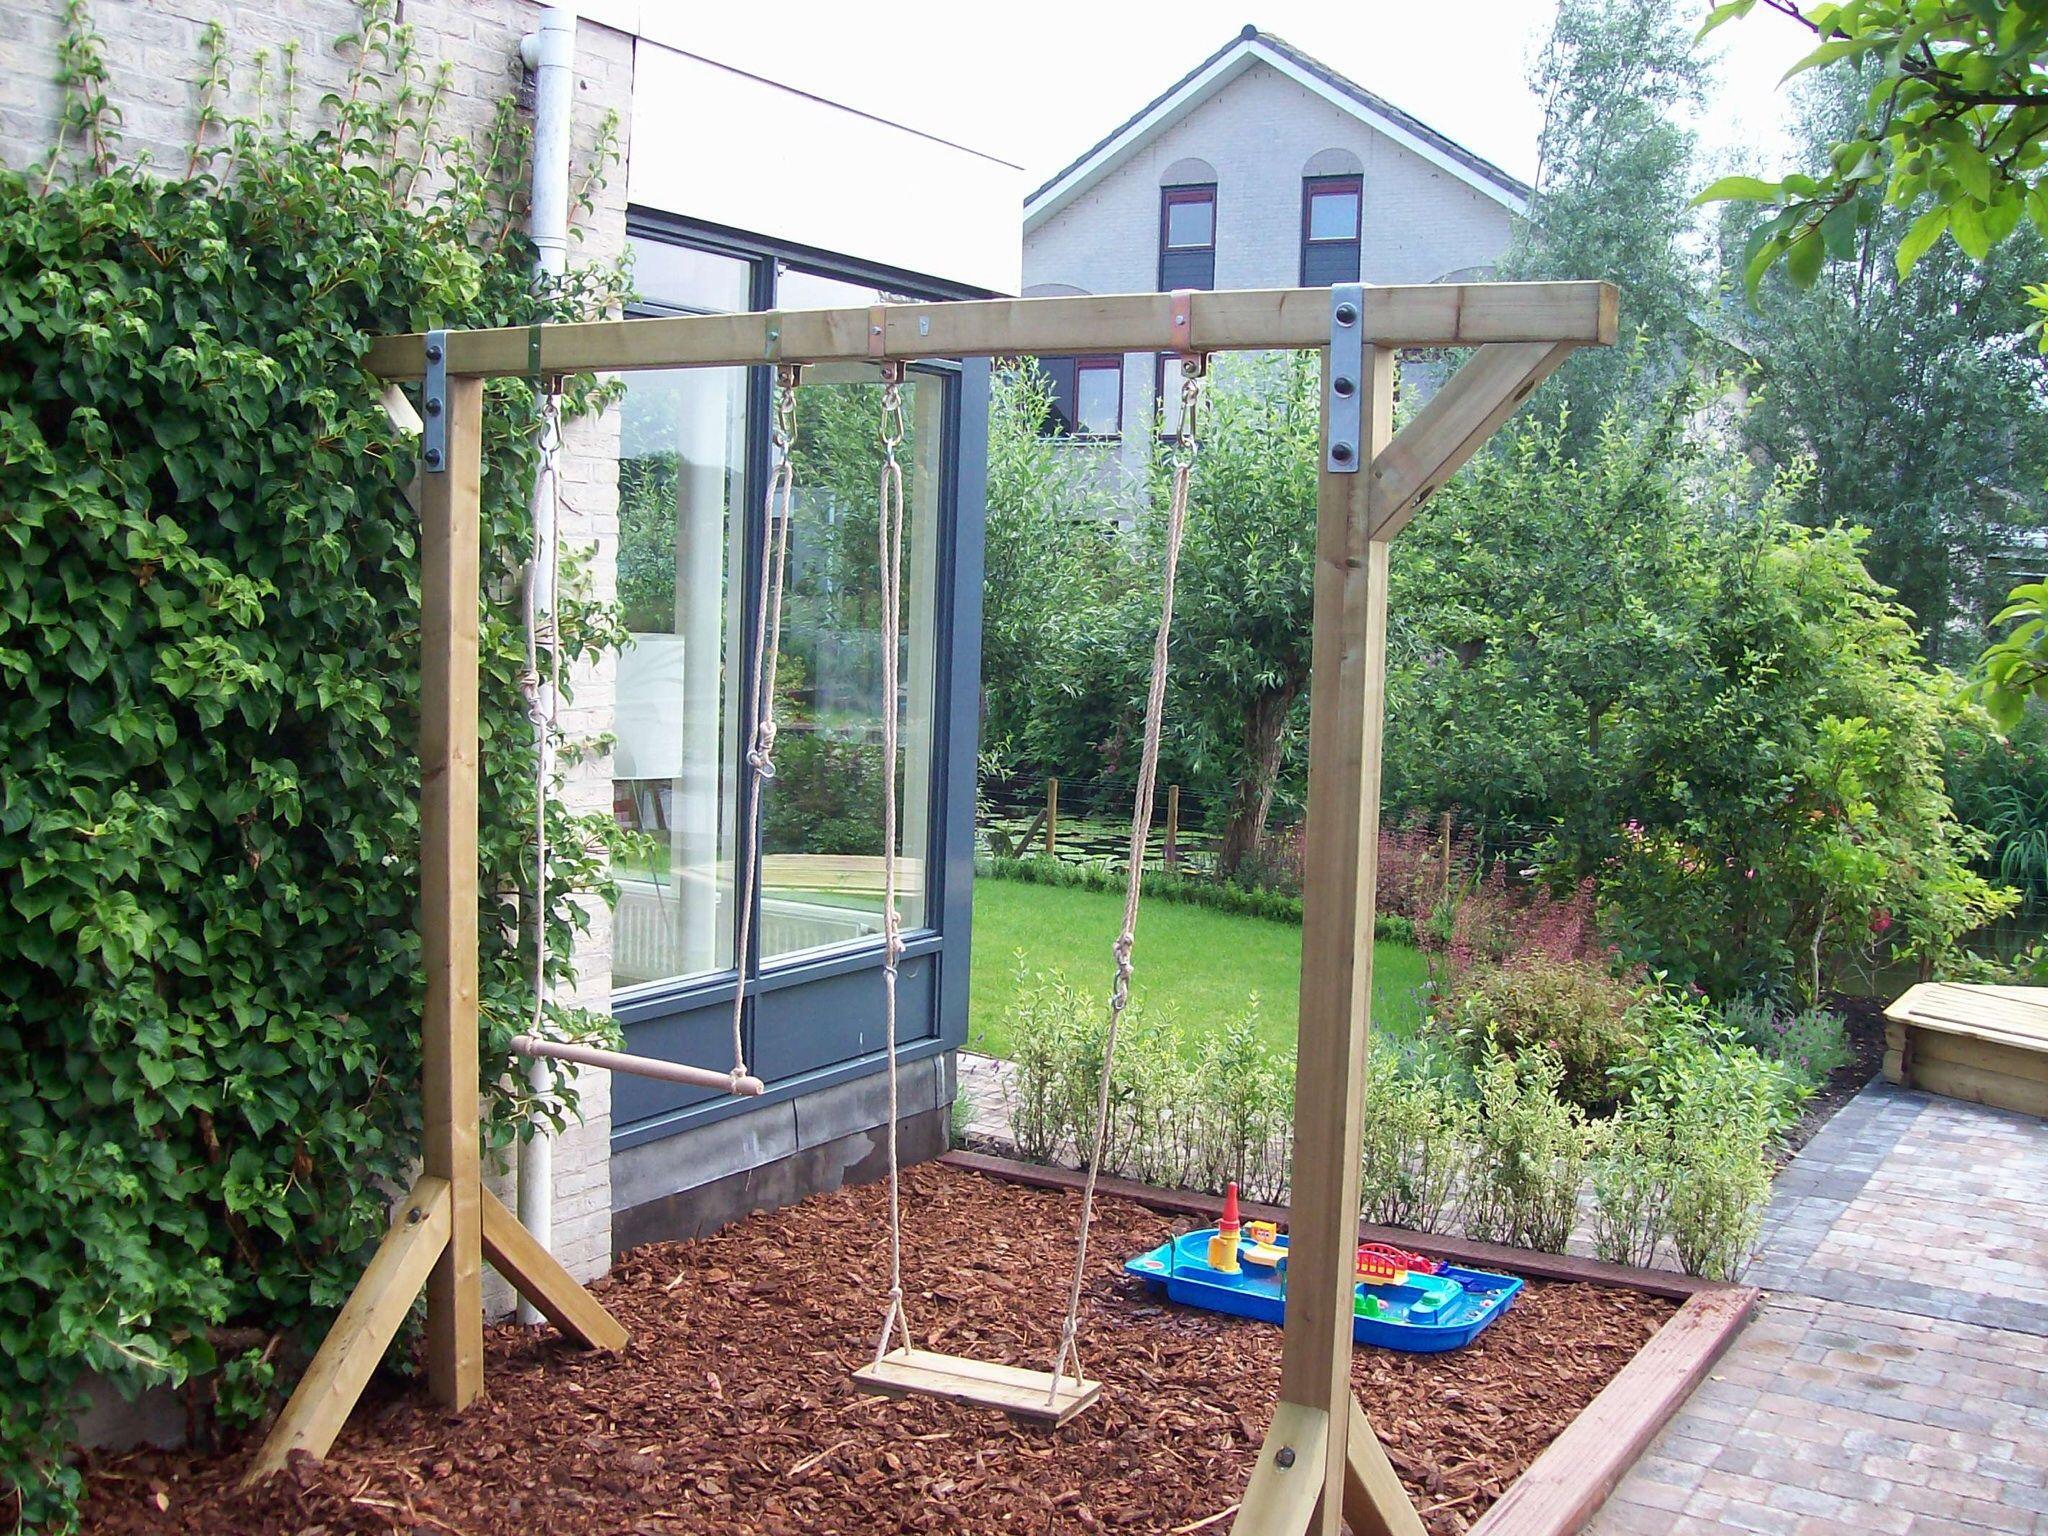 Boomschors Tuin Gamma : Boomschors tuin aanleg in torhout tuinen tijs crombez tuinen tijs